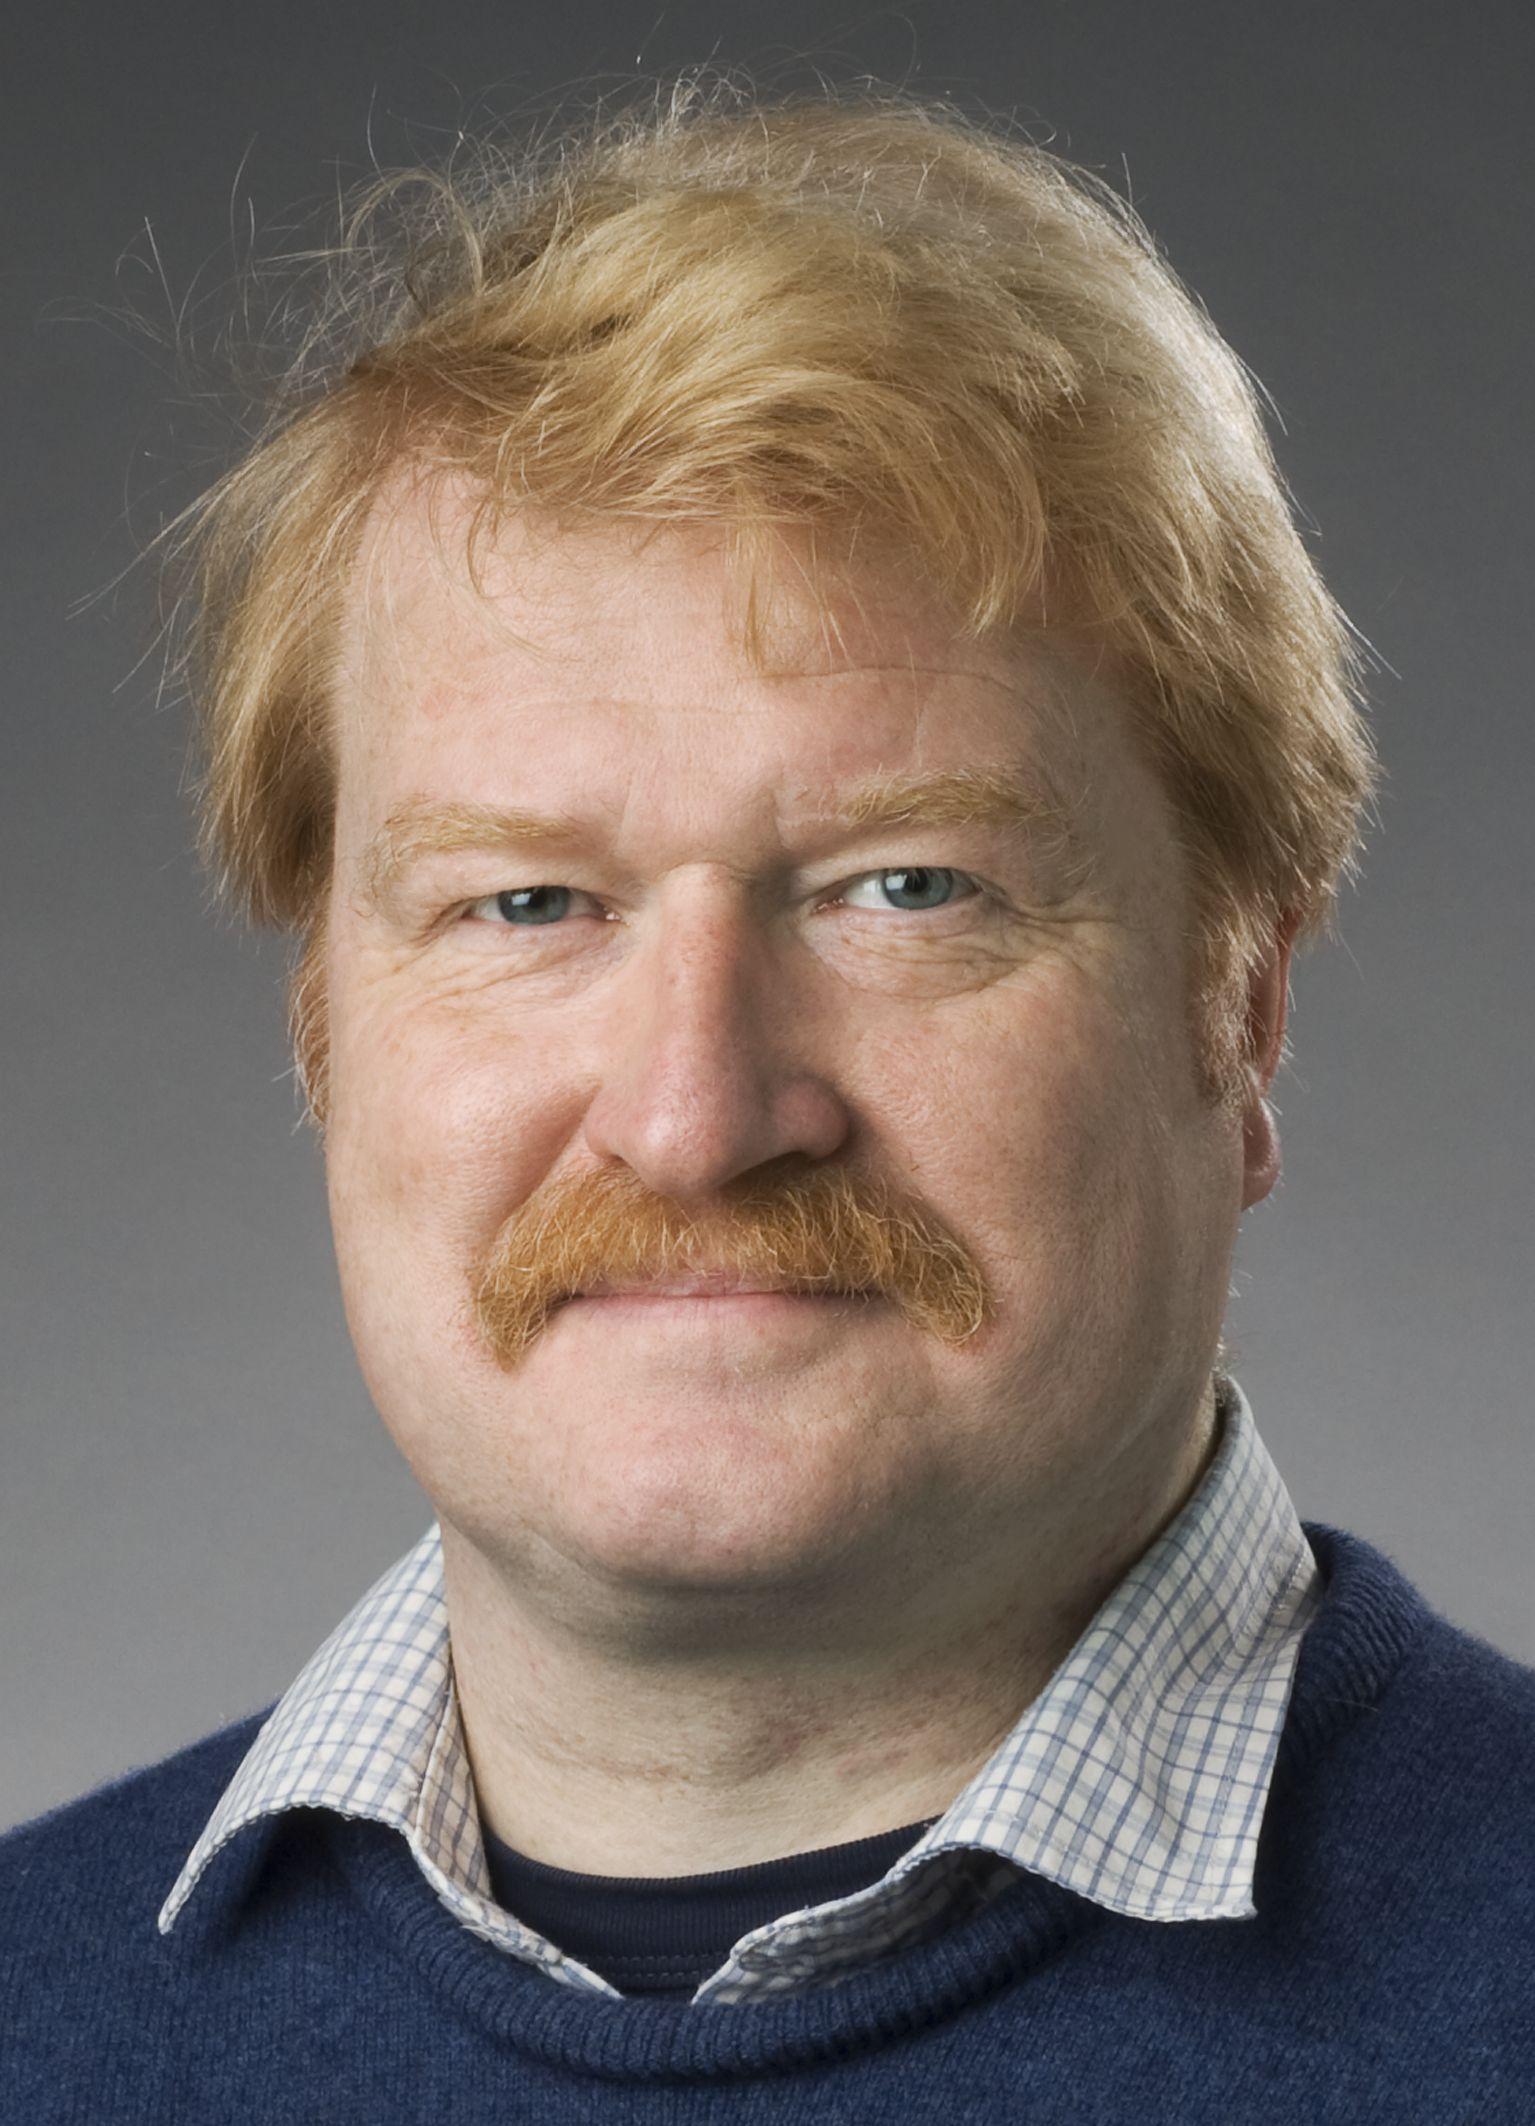 Jens-Bjørn Riis Andresen